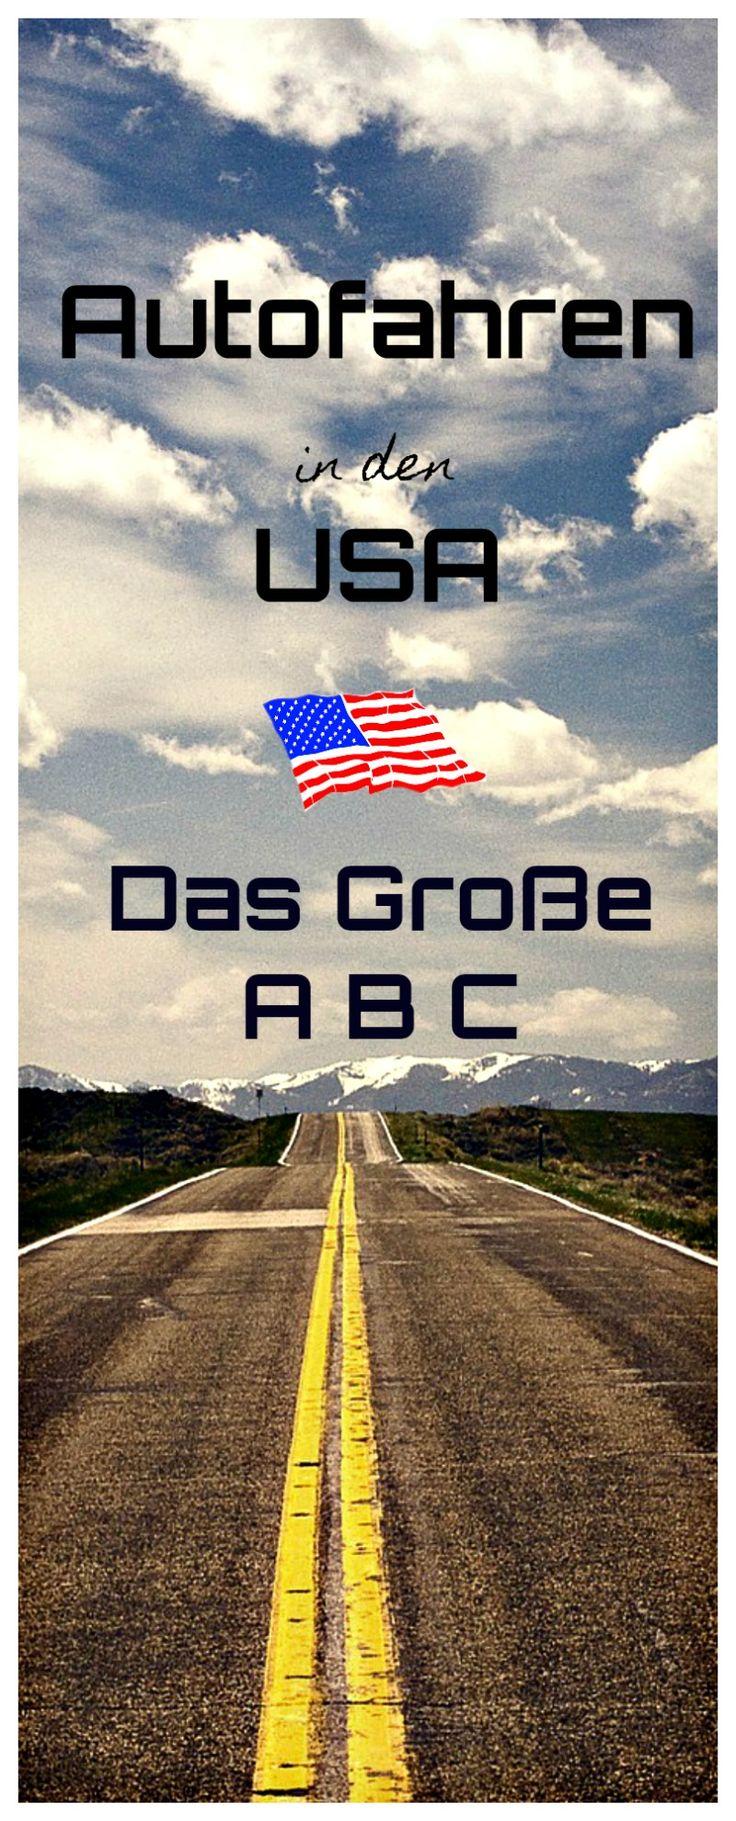 Du planst einen Urlaub in den USA und möchtest dir gerne für deinen Road Trip ein Auto oder ein Wohnmobil mieten? Bevor Du zum ersten Mal auf einer amerikanischen Straße fährst, solltest Du dir die speziellen amerikanischen Regeln einmal anschauen! Denn das Autofahren in den USA unterscheidet sich ein bisschen von den deutschen Regeln. Denn es gibt einige spezielle Regeln, wie z.B. den 4 Way Stopp.....